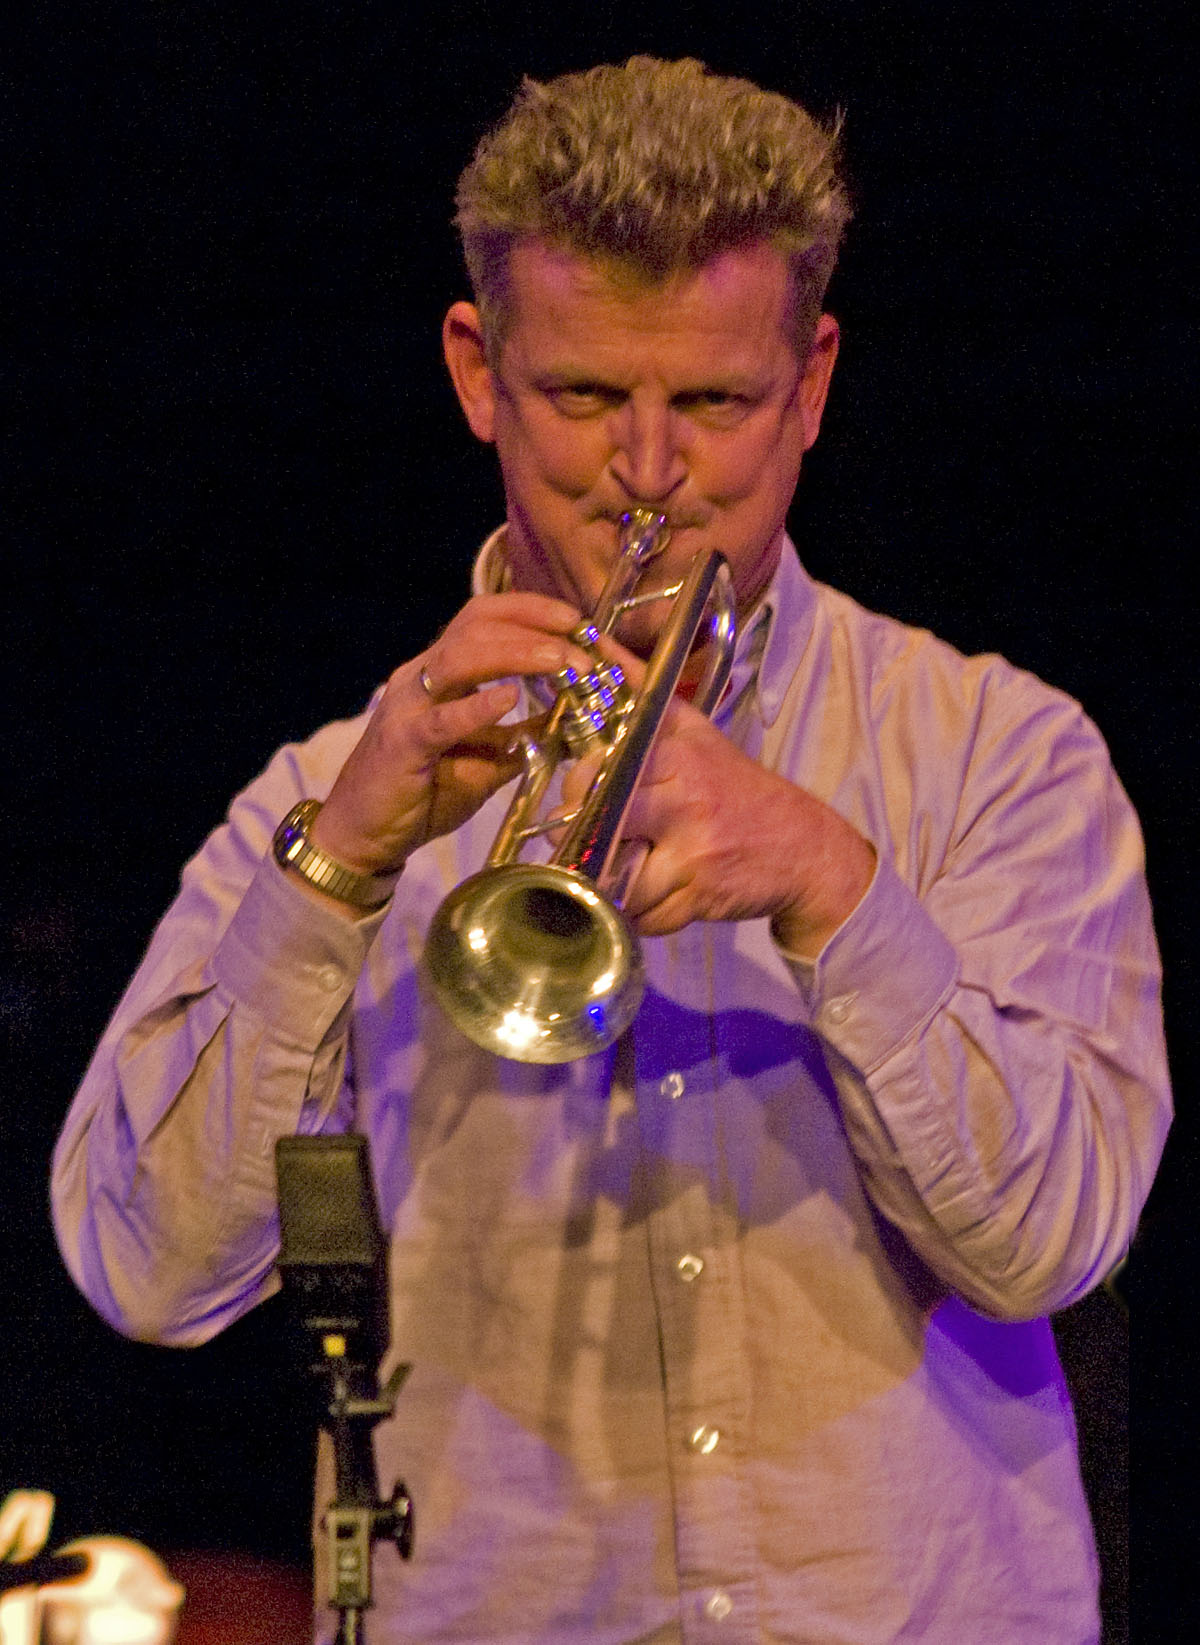 Eric Boeren at Doek Festival, Amsterdam December 4, 2010